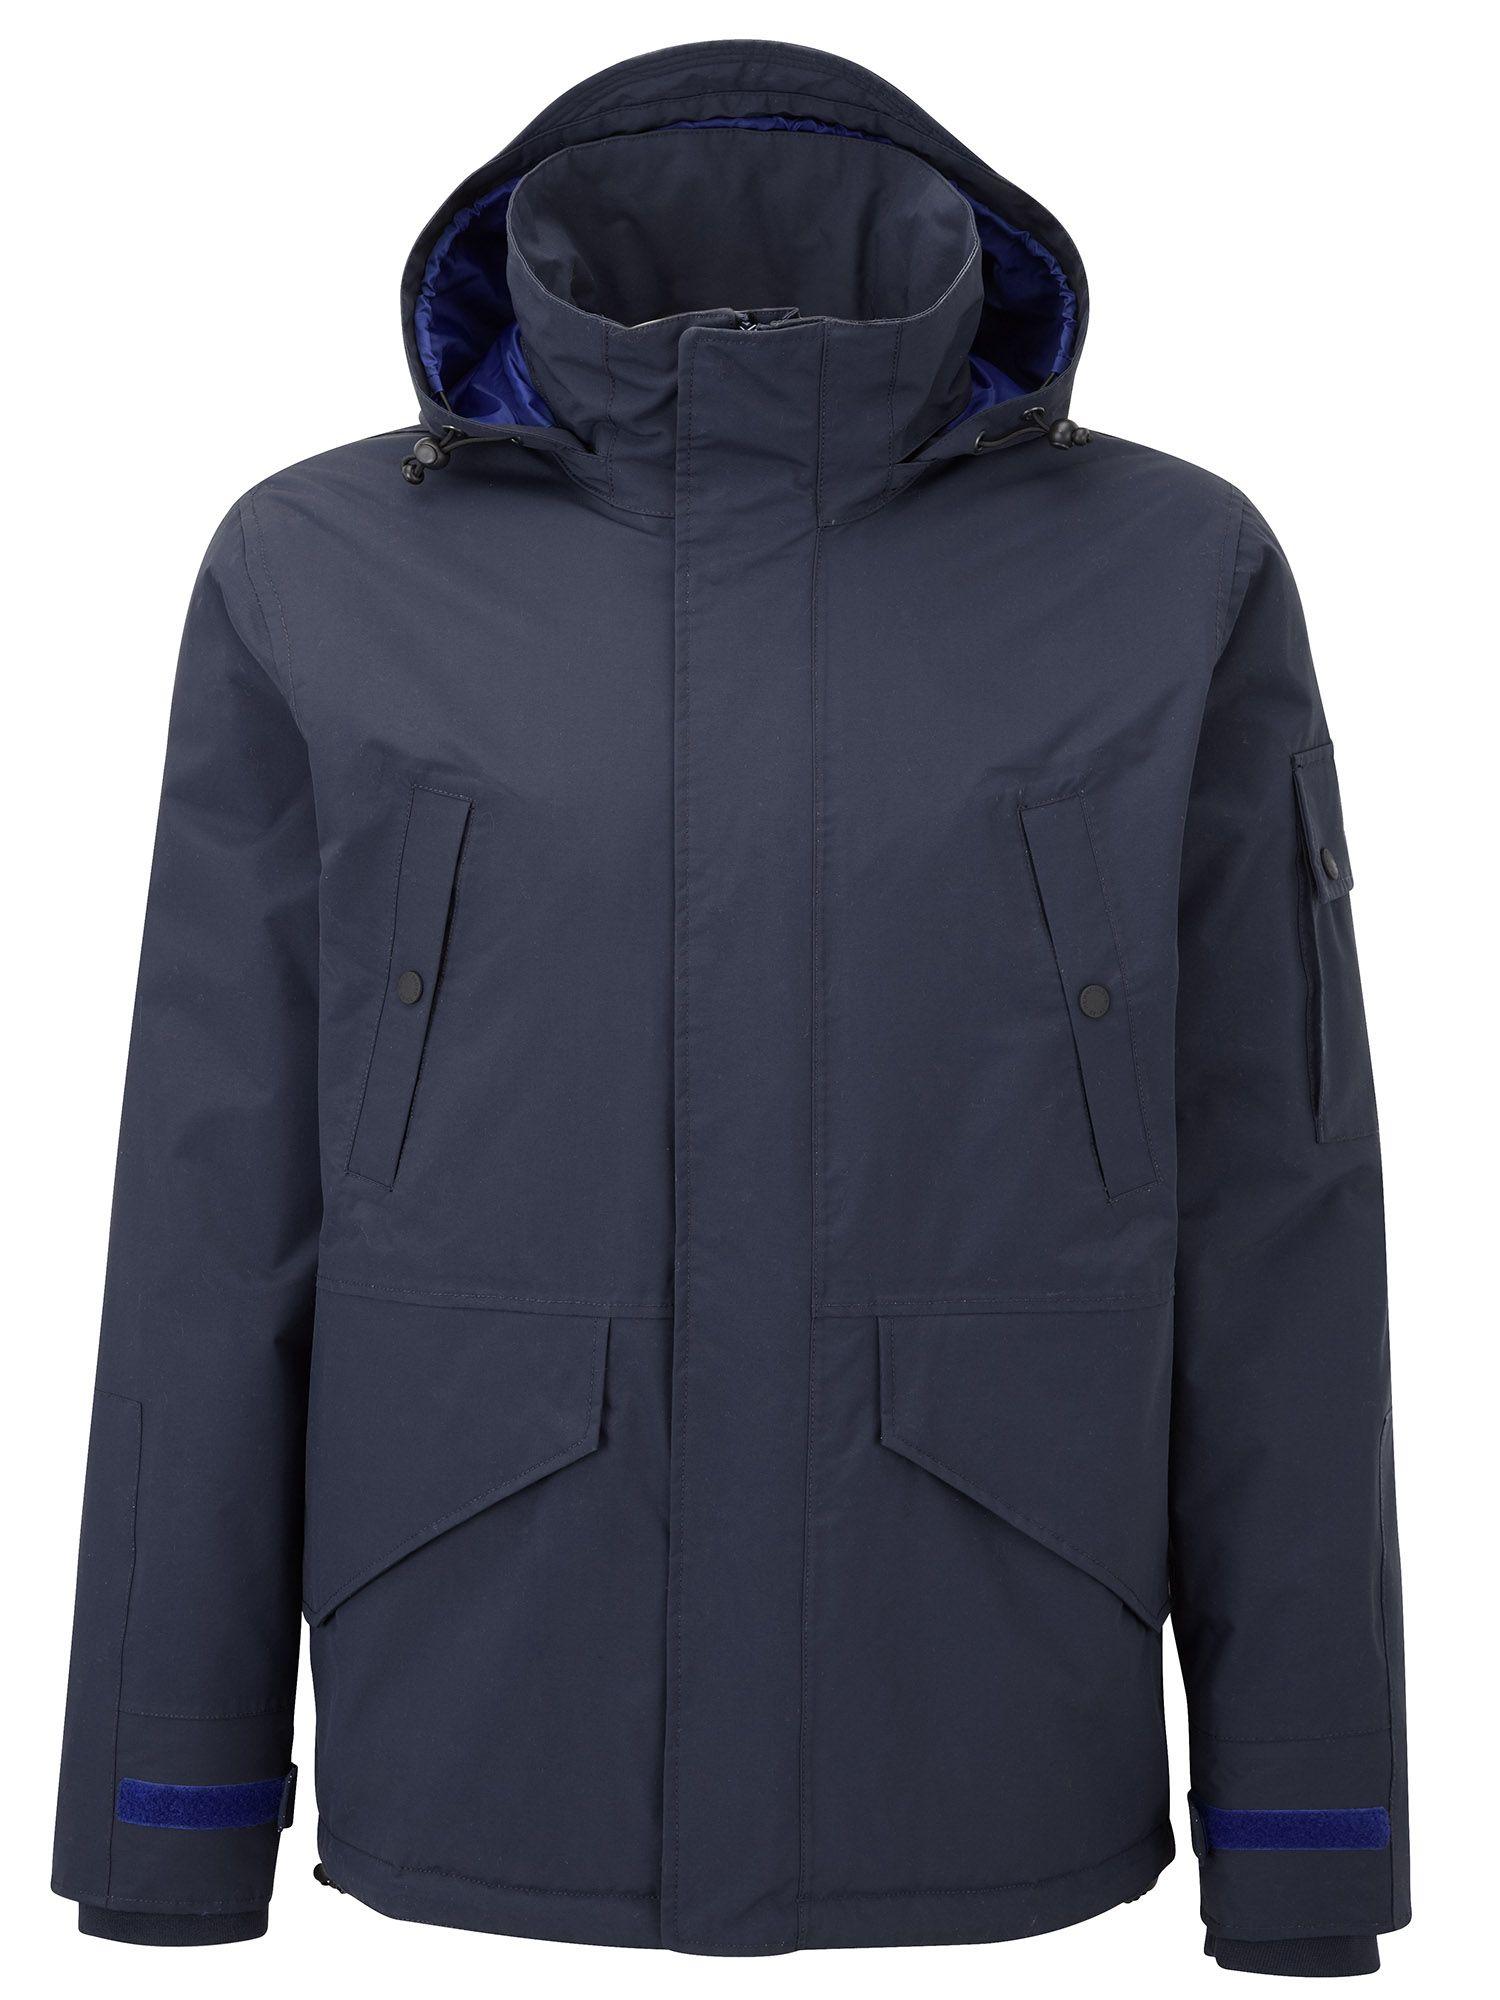 Henri lloyd Waterproof, Windproof Jacket in Blue for Men | Lyst